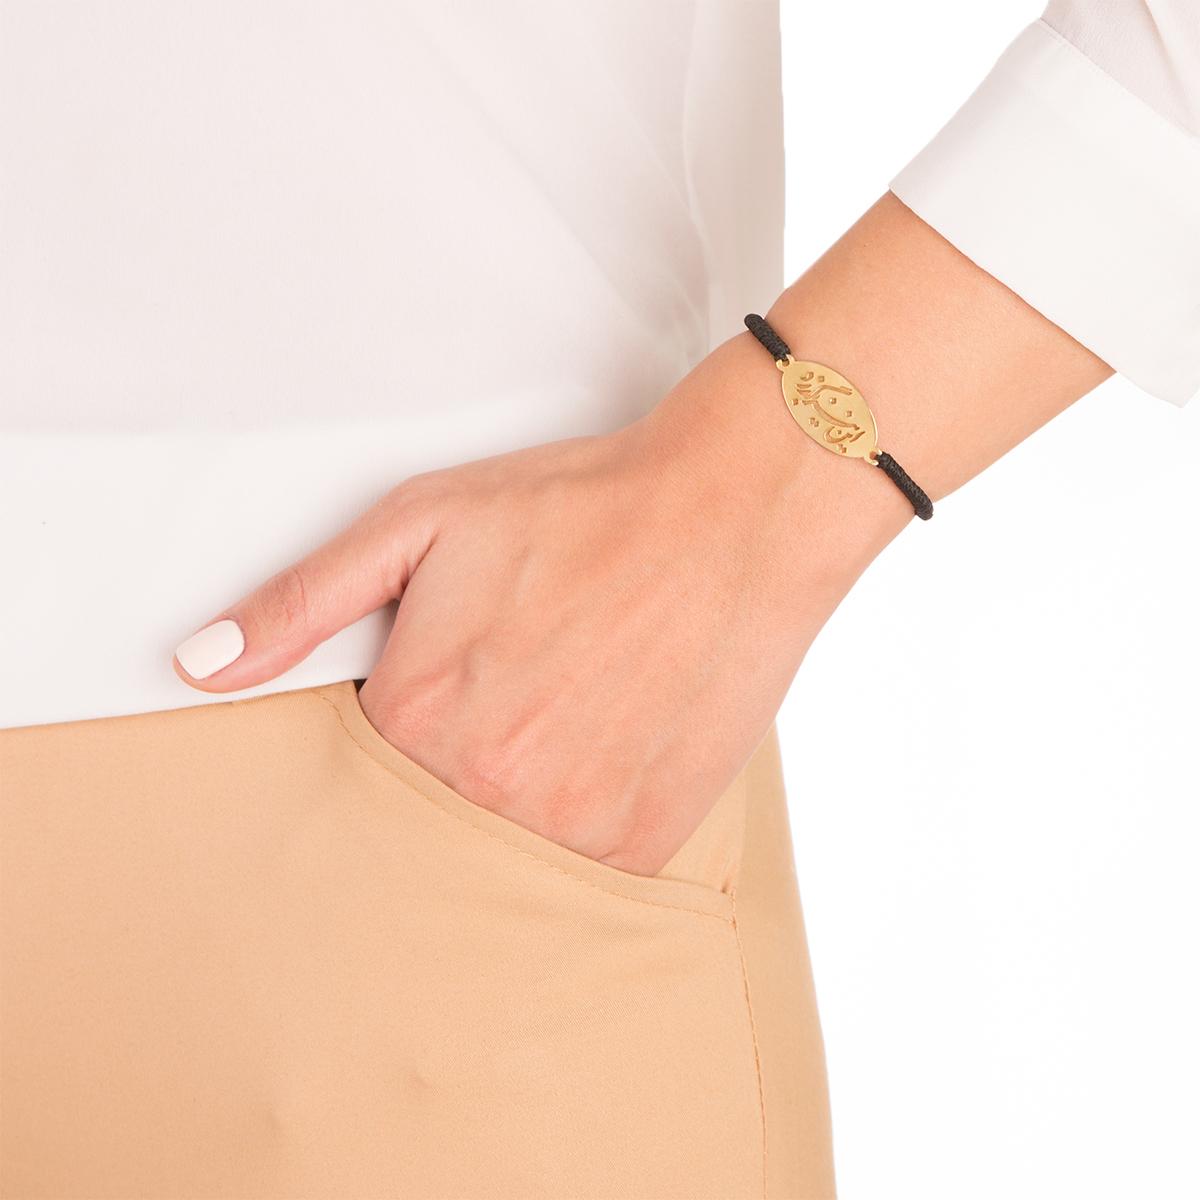 دستبند طلا بافت این نیز بگذرد